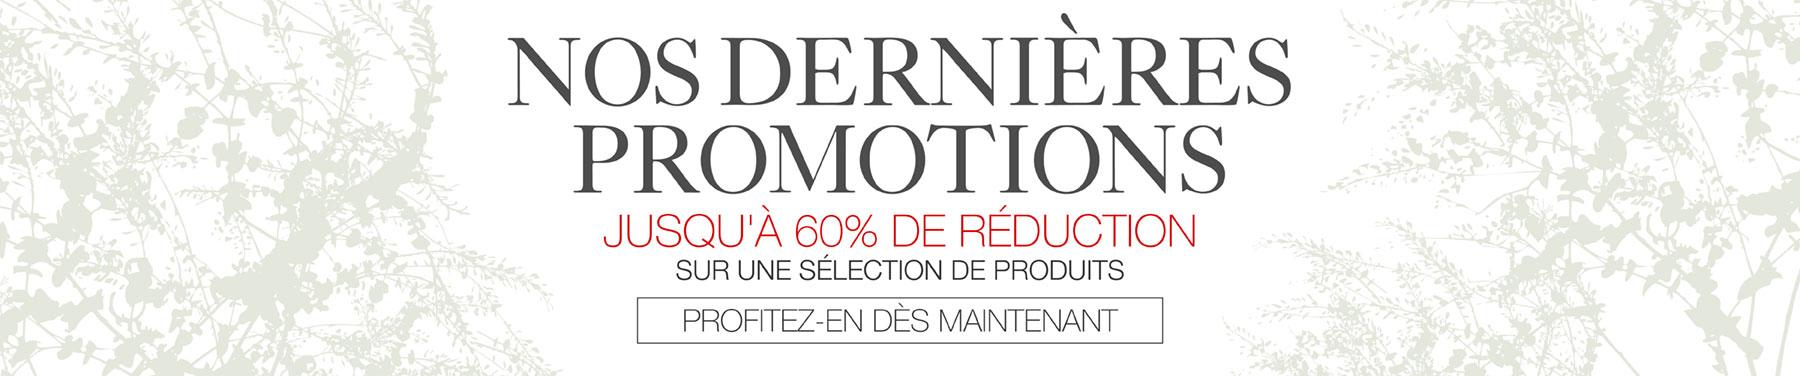 Nos dernières promotions - Jusqu'à 60% de réduction sur une sélection de produits